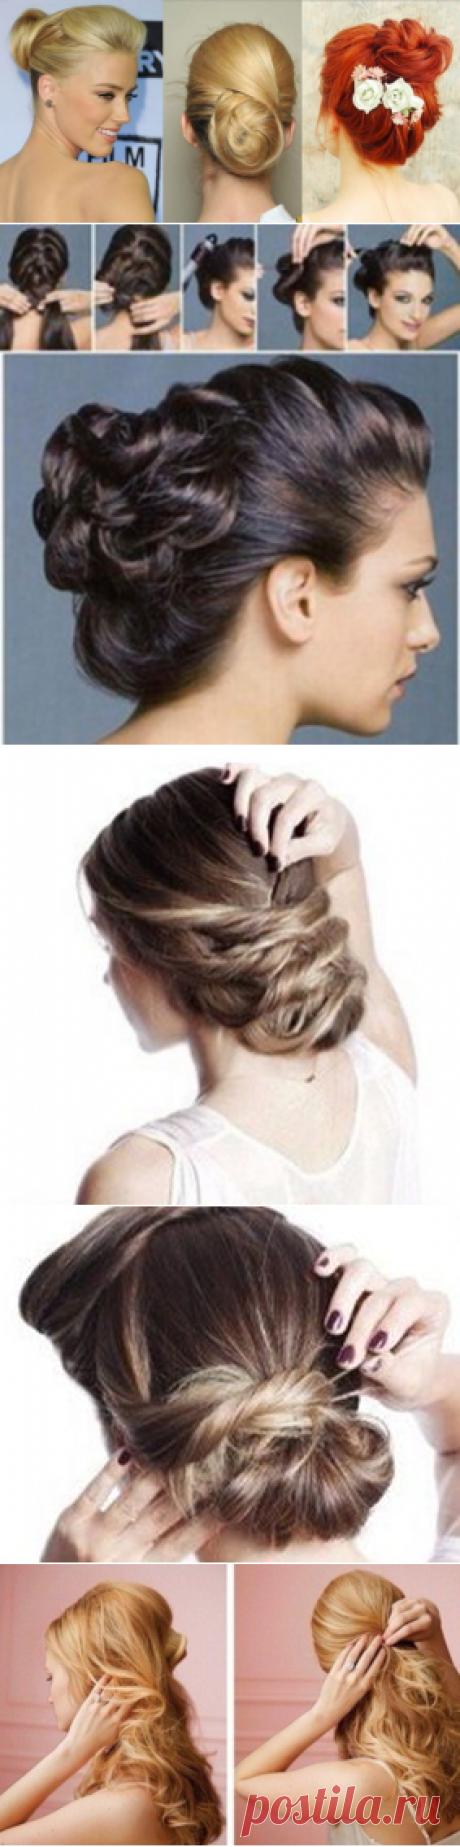 Los peinados de tarde a los cabellos medios